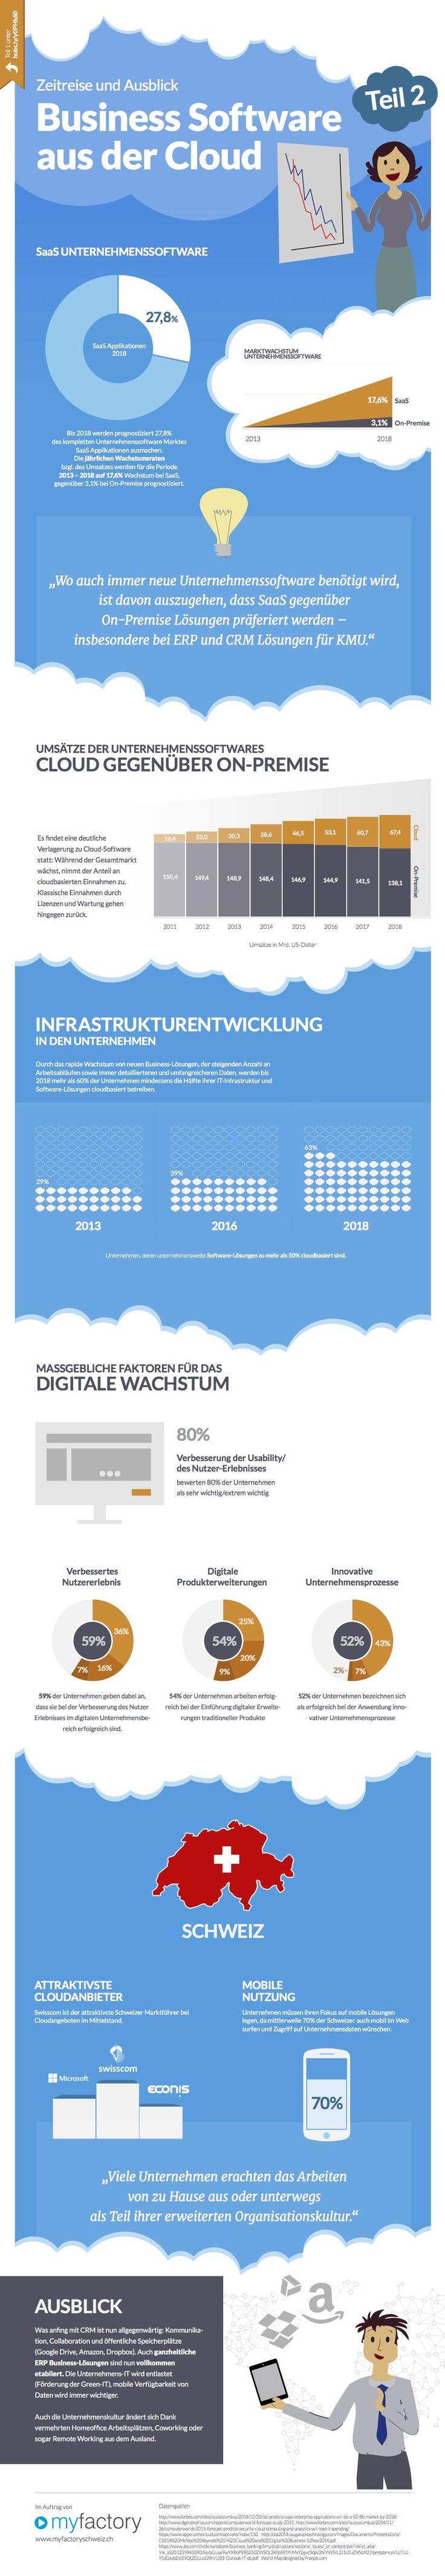 Business Software aus der Cloud, Zeitreise und Ausblick 2. Teil